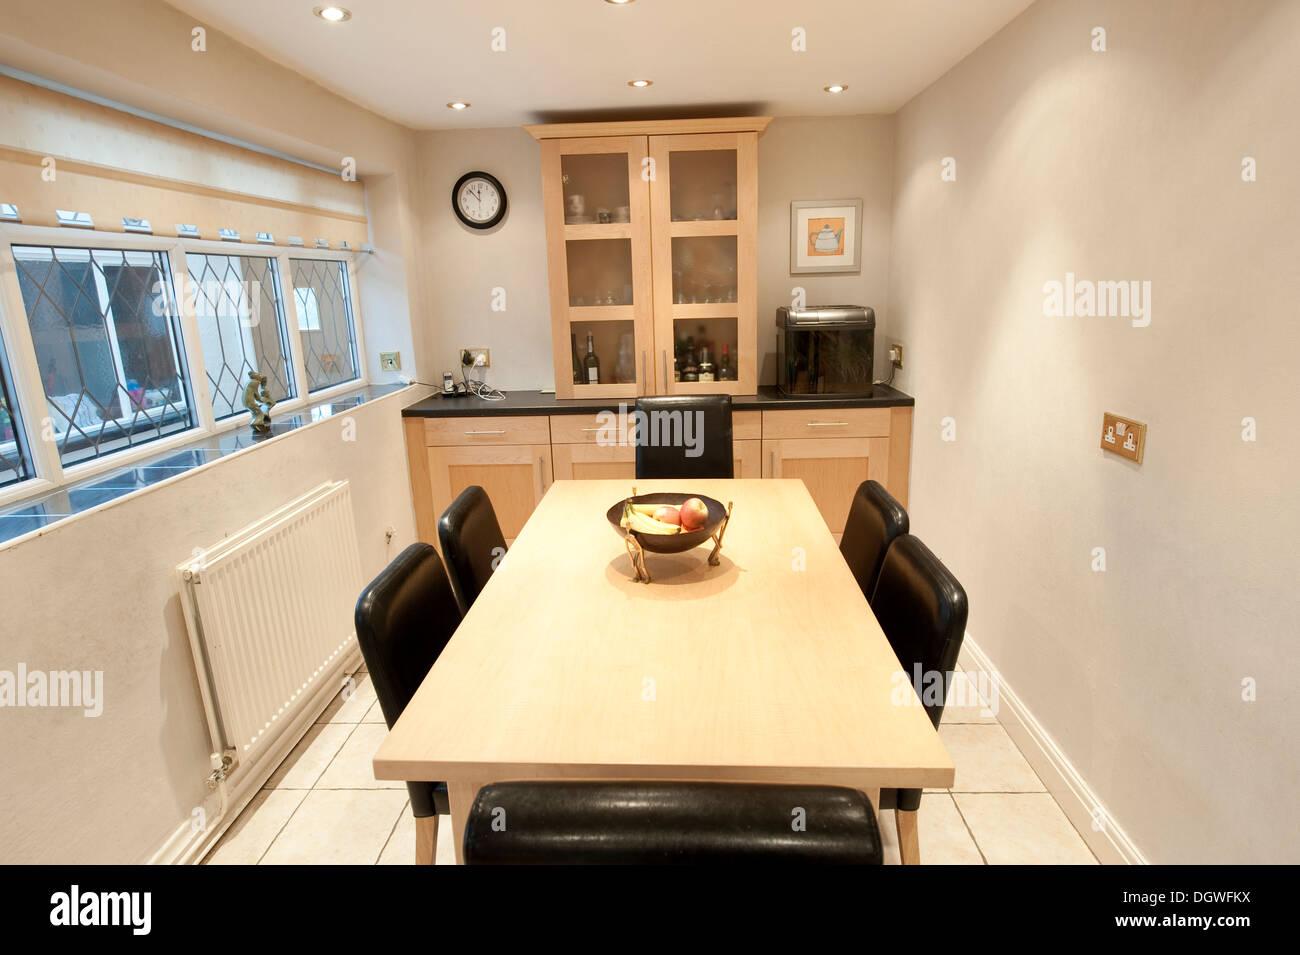 Moderno, limpio brillante mesa de comedor clase media Imagen De Stock